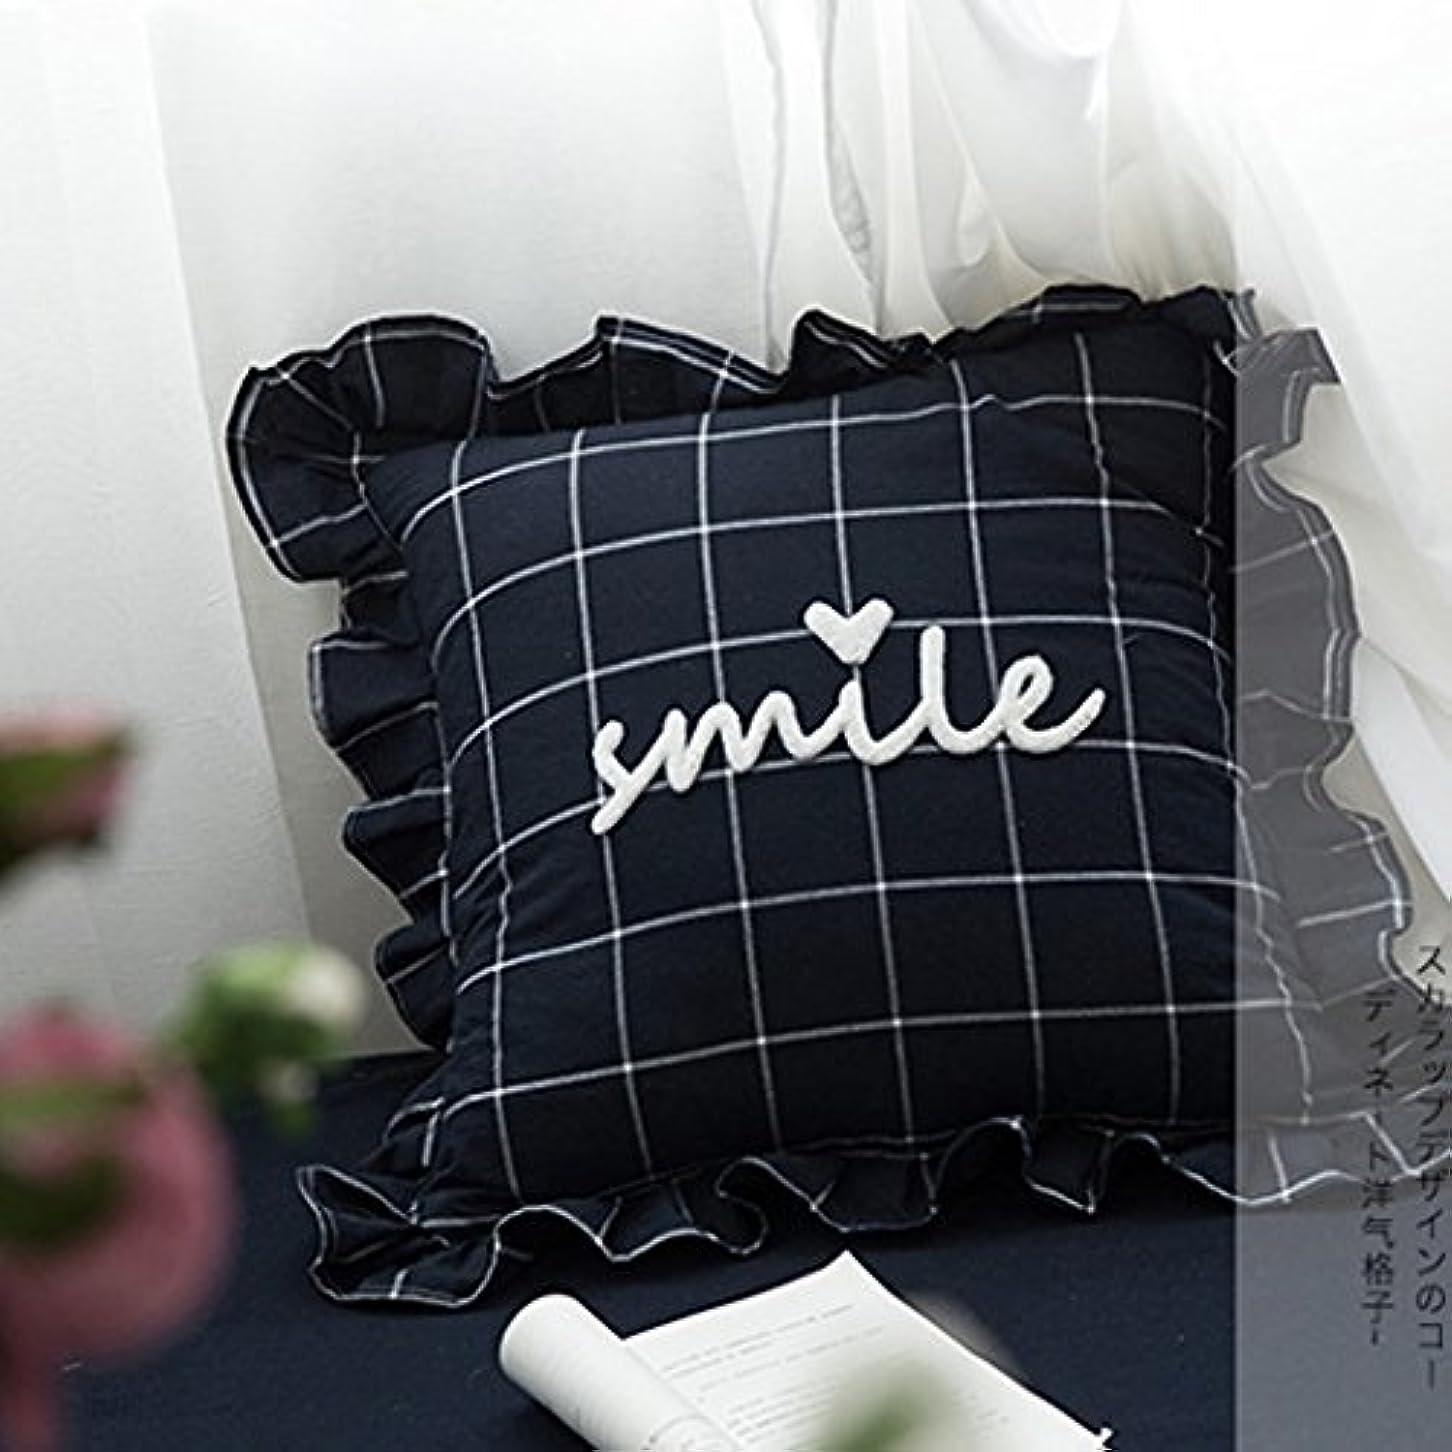 語化粧明らかにソファーベッドの家の装飾のための古典的な格子縞の正方形の枕クッション - 青